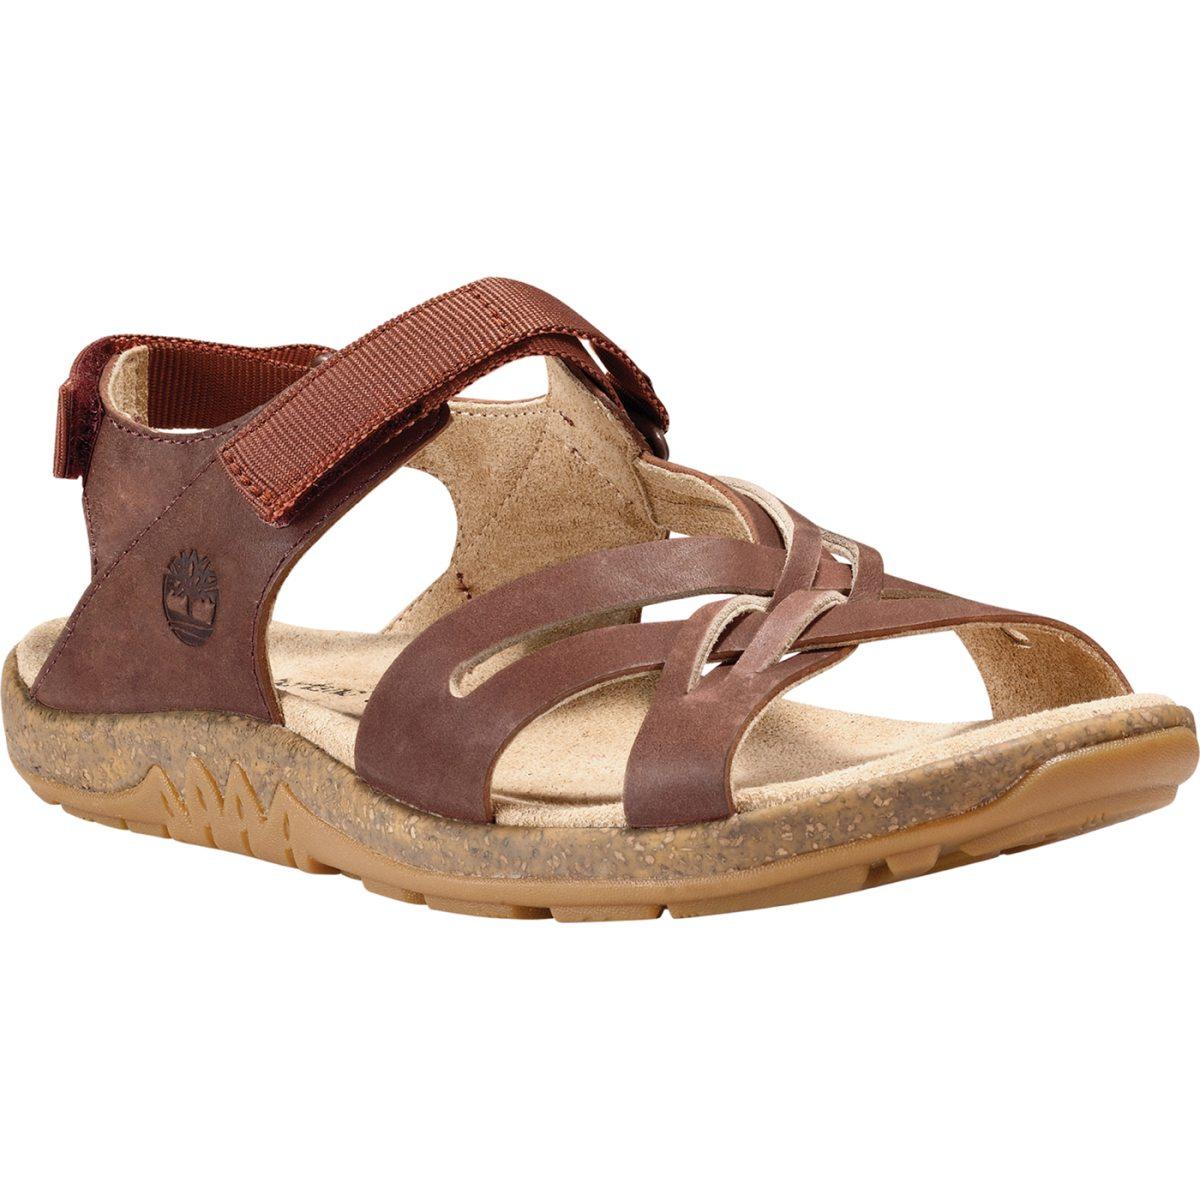 84d5efab76f1 Handla från hela världen hos PricePi. keen newport sandal lätt ...